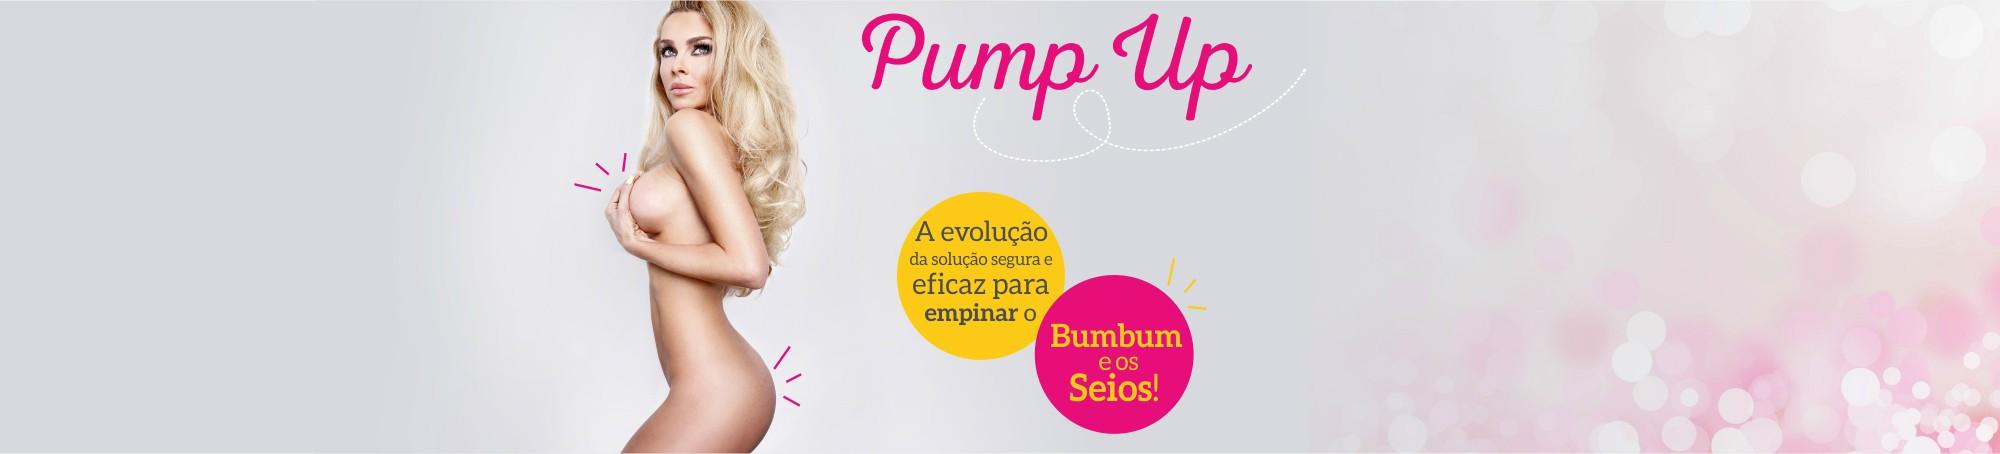 Pumpup-Fisest-site